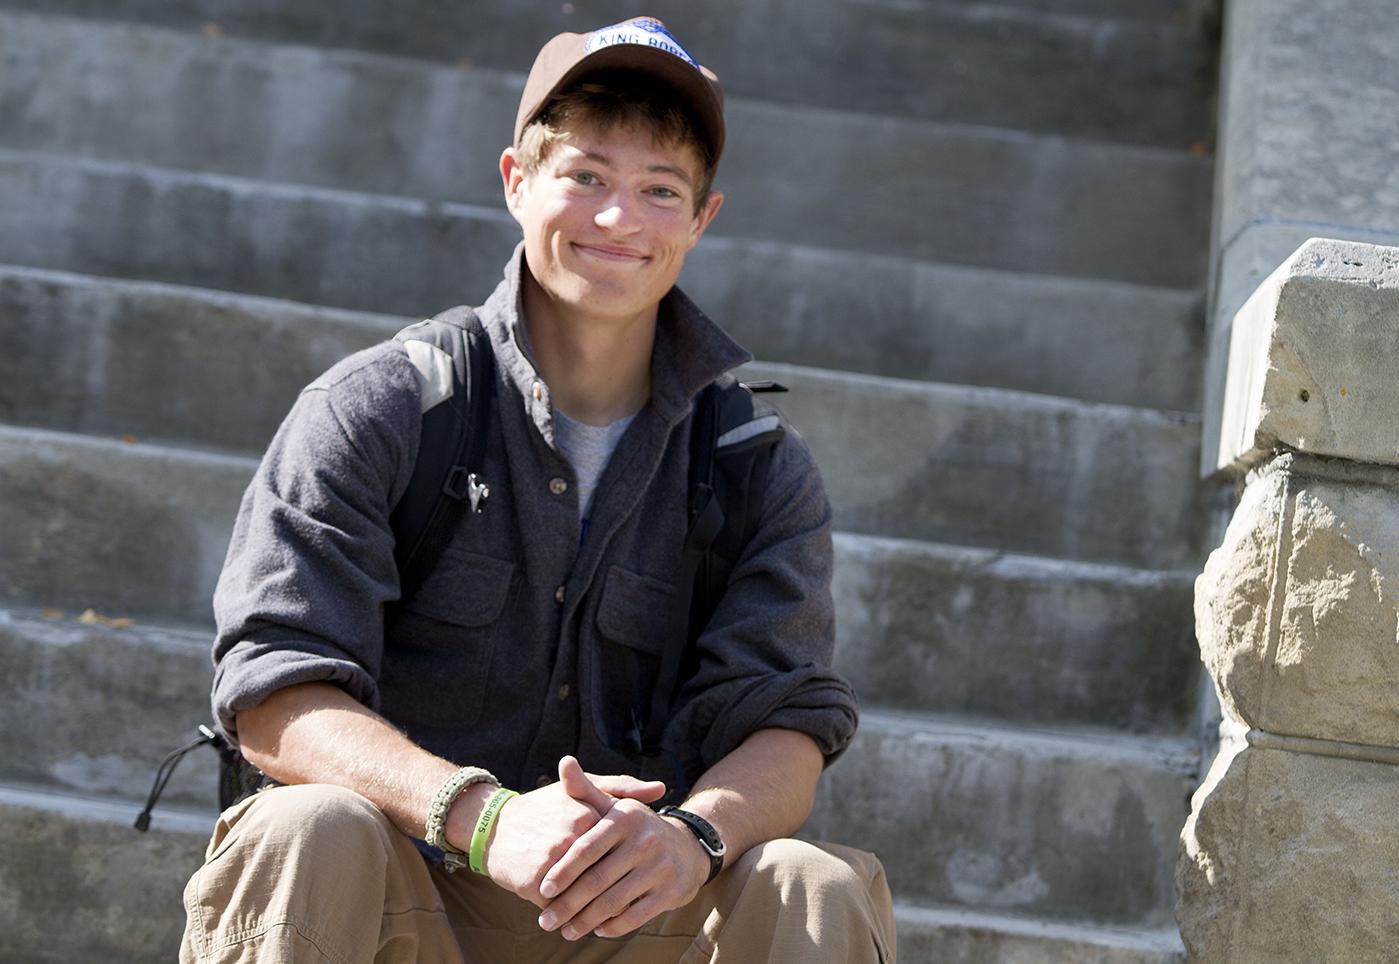 Cody Cavill